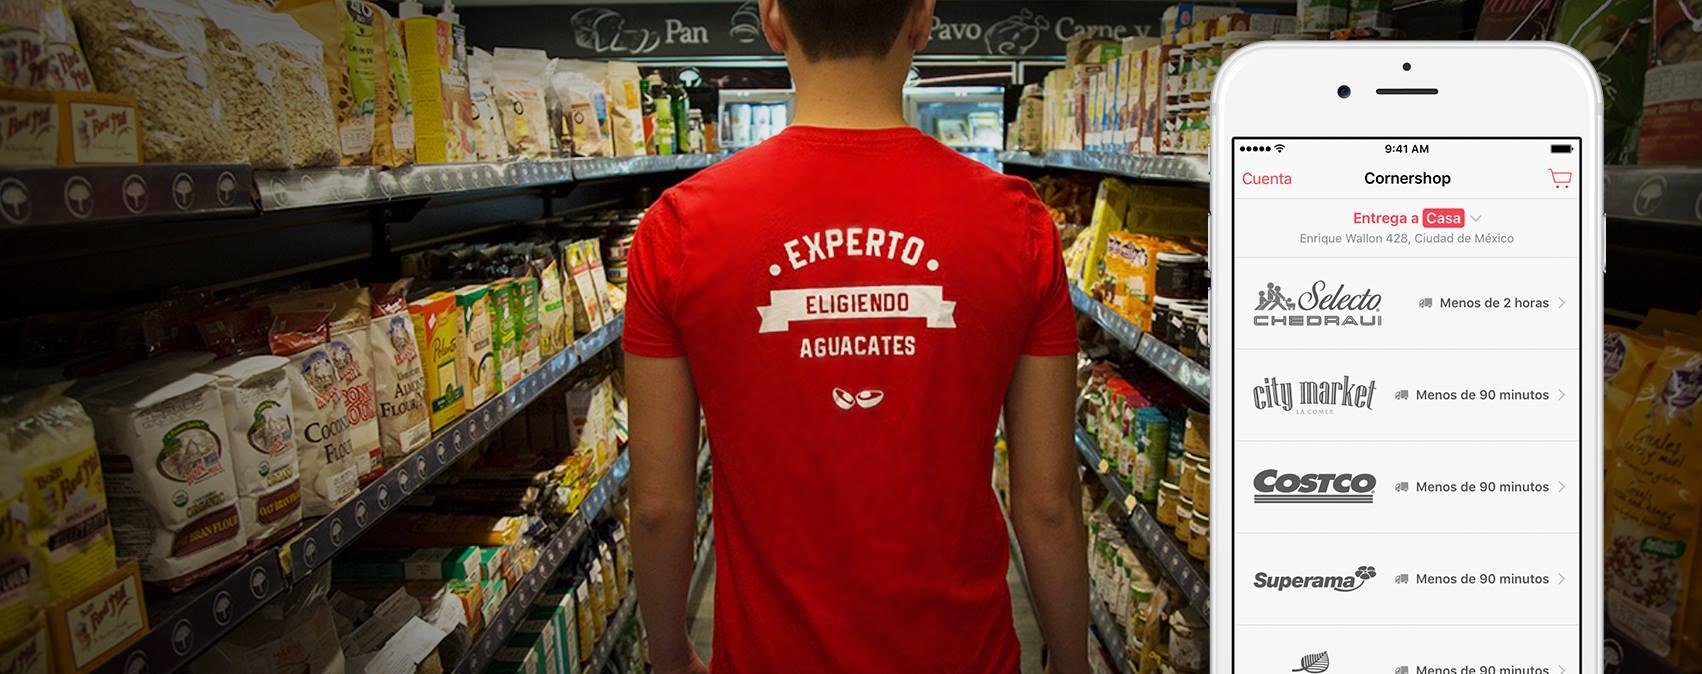 Cornershop Costco Cupon  Para Primer Pedido Pollo Y Nescafe Cappuccino X   Promodescuentos Com